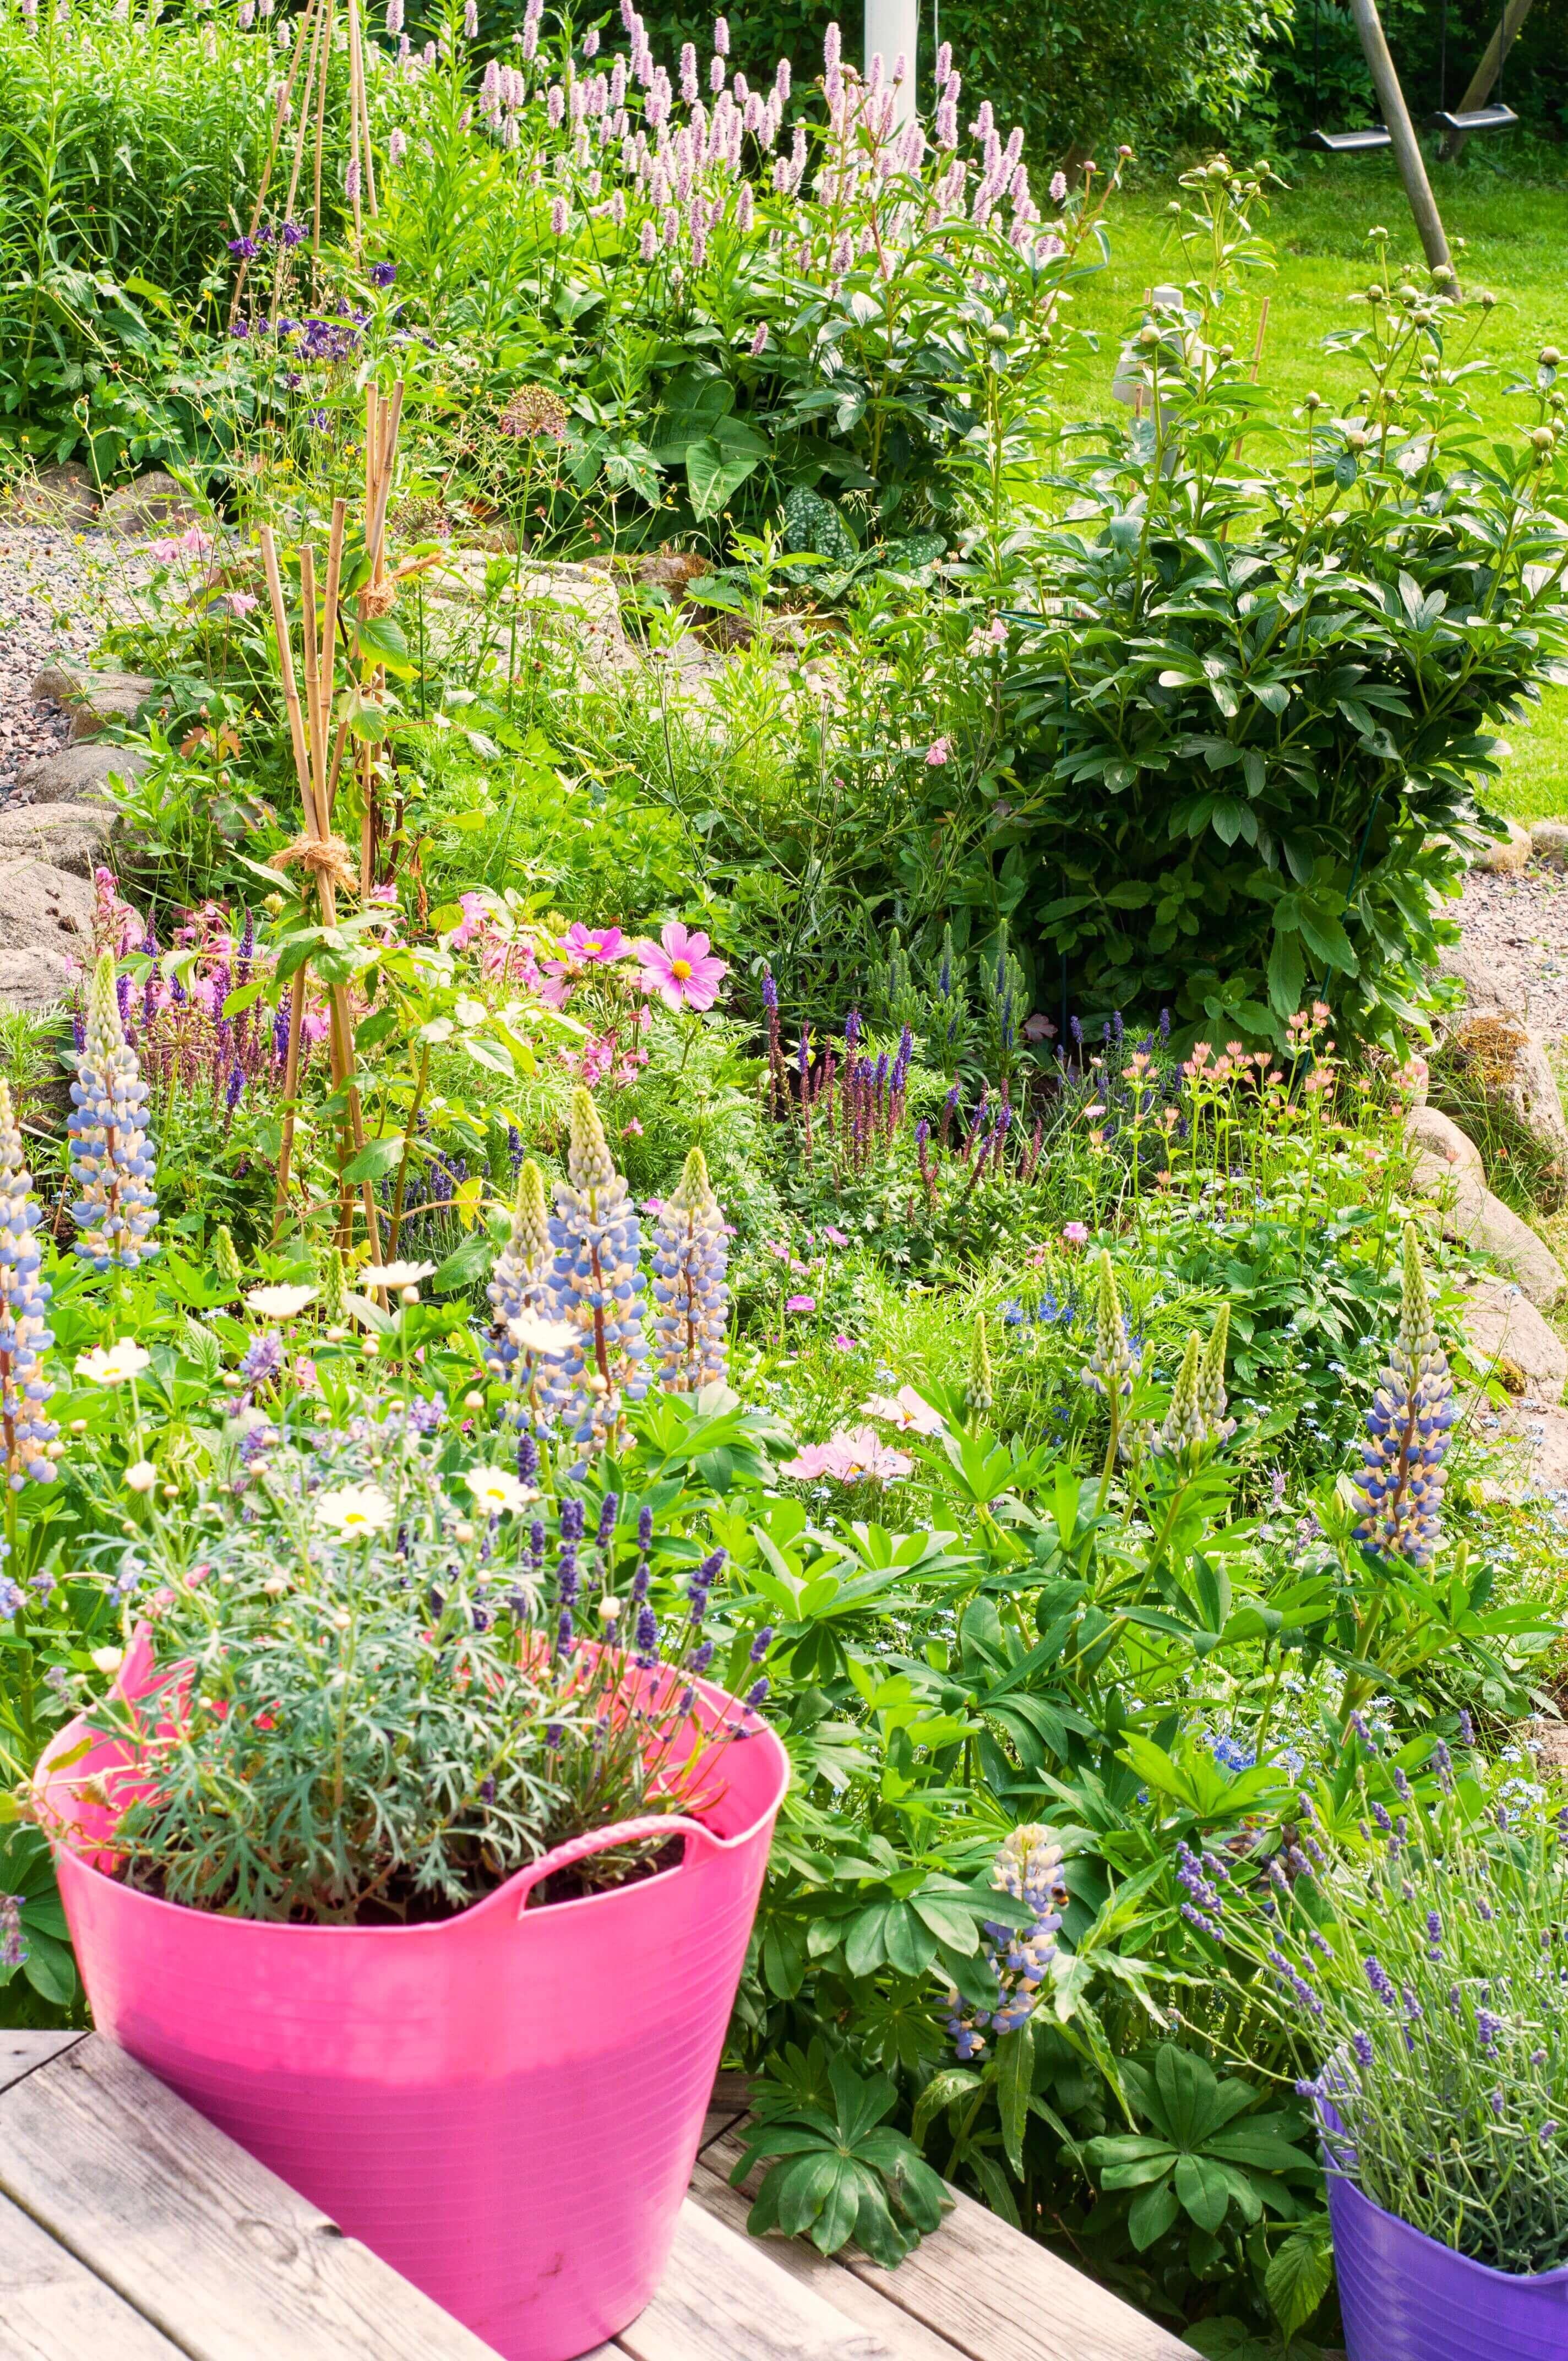 Trädgård - Nilssons plantskola - blommor och bin, Leonor Juhl K - Fröken Turkos